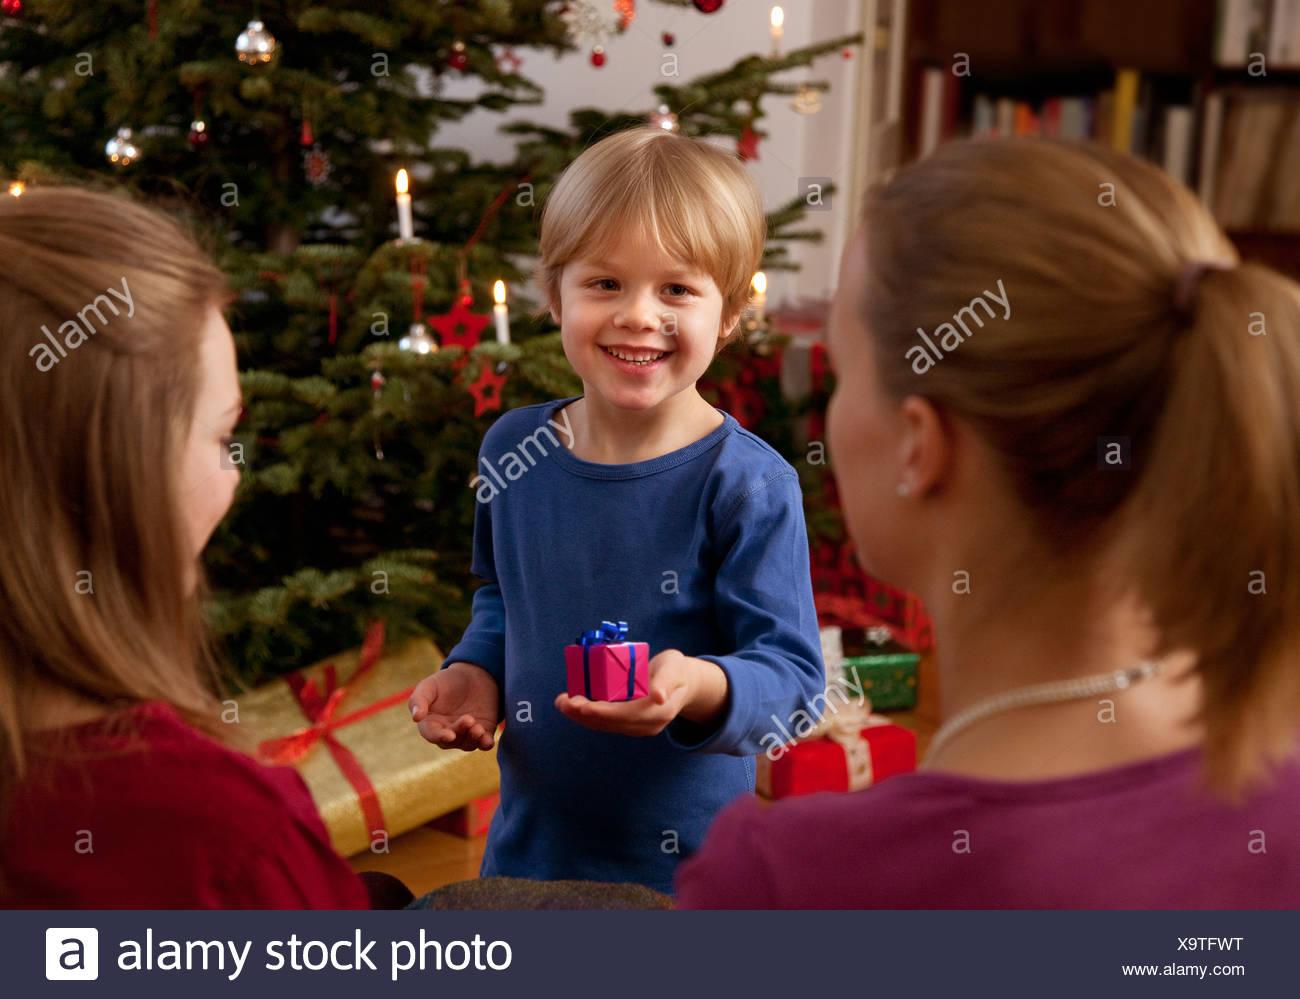 jungen zeigen kleine Weihnachtsgeschenk Stockfoto, Bild: 281437124 ...